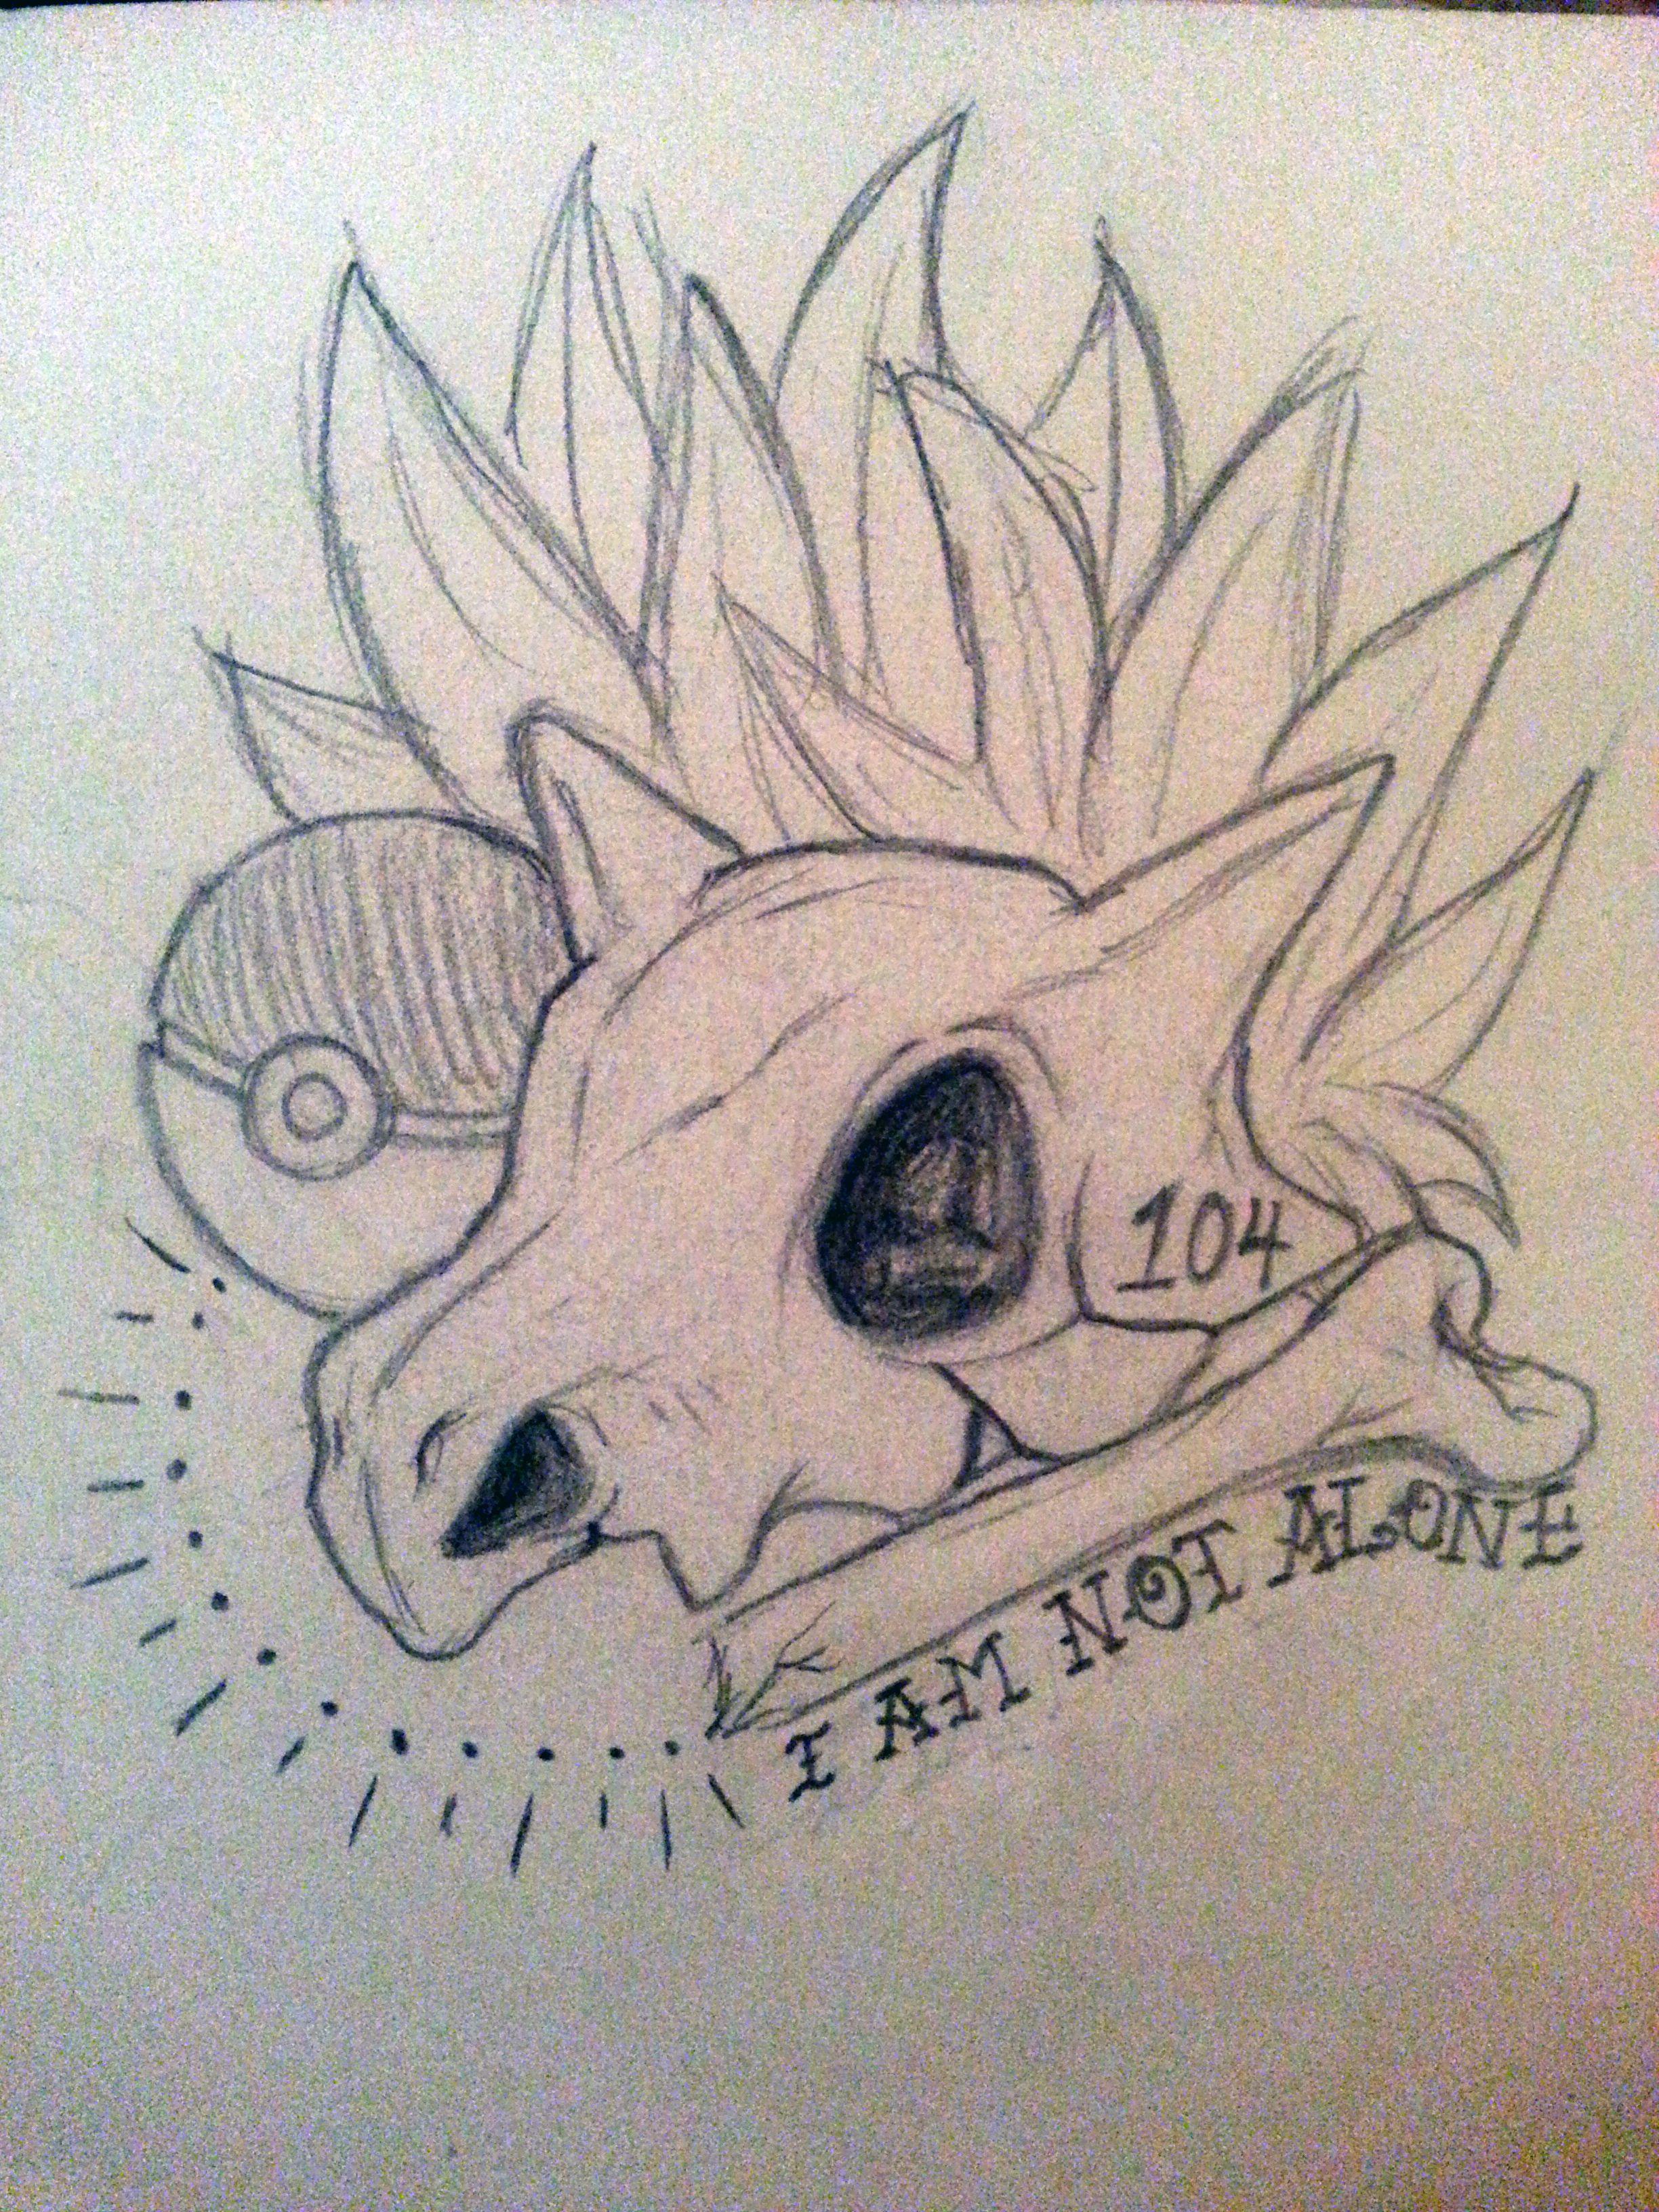 cubone tattoo sketch  ink'd  pinterest  tattoo pokémon